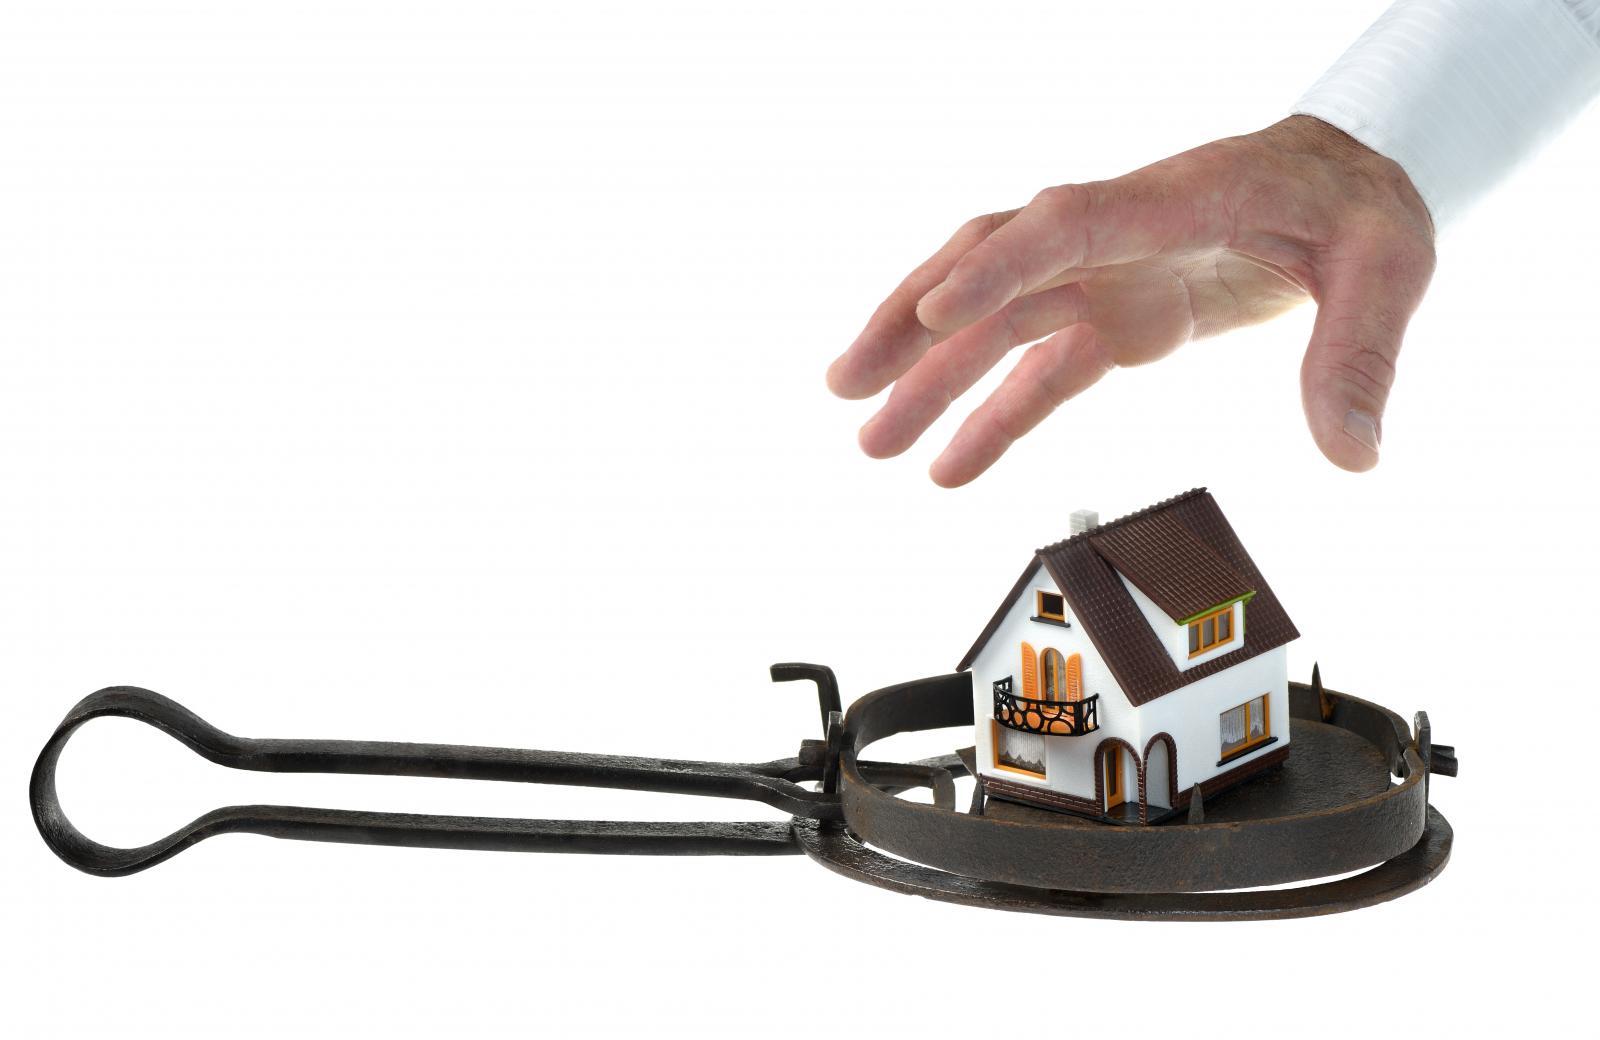 hình ảnh bàn tay, chiếc bẫy và ngôi nhà